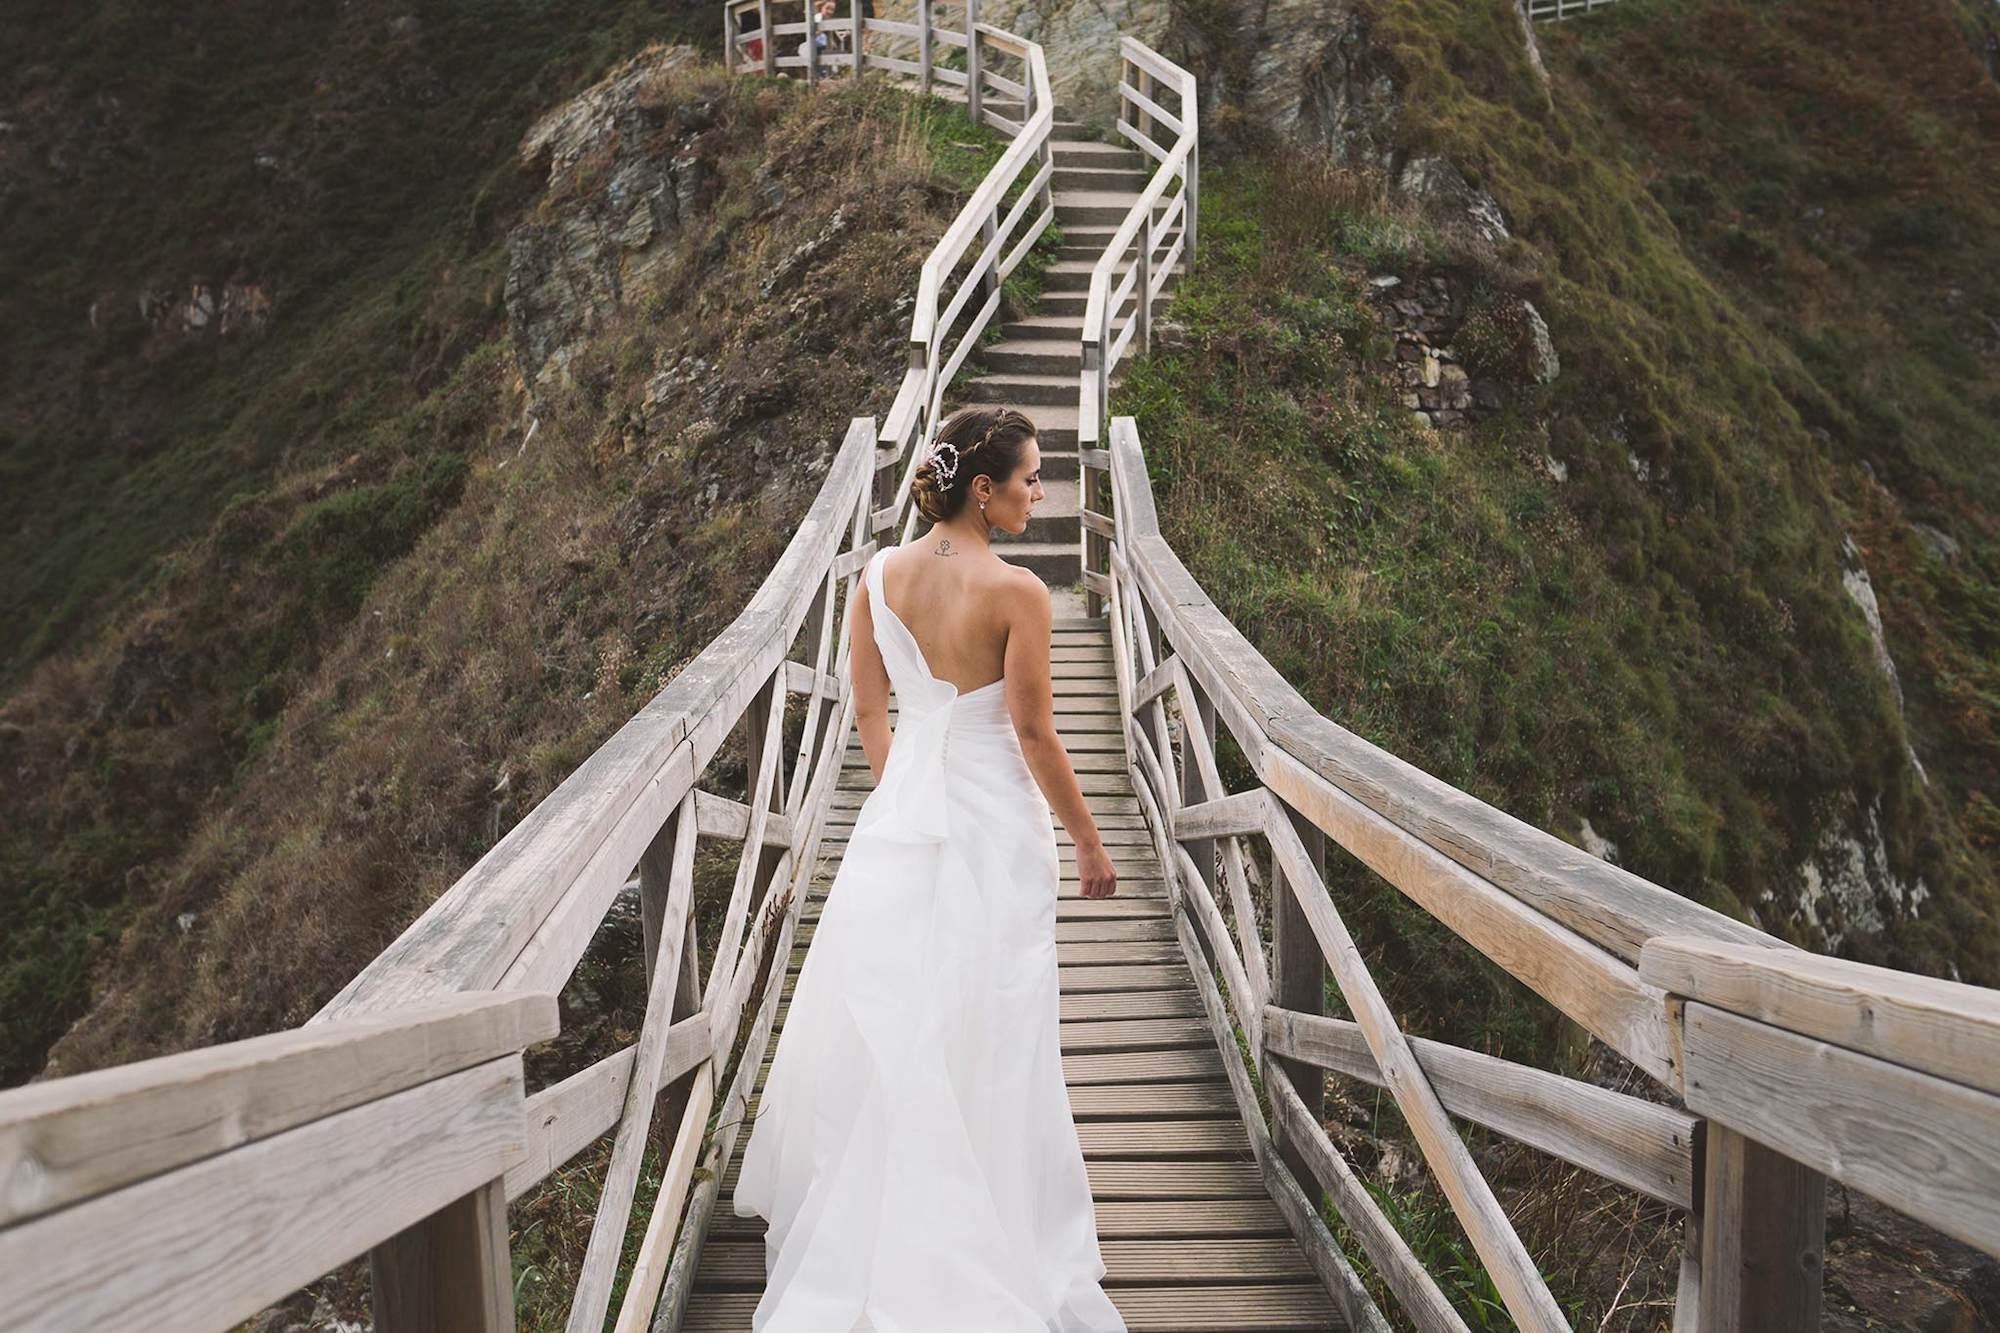 La espalda de la novia.